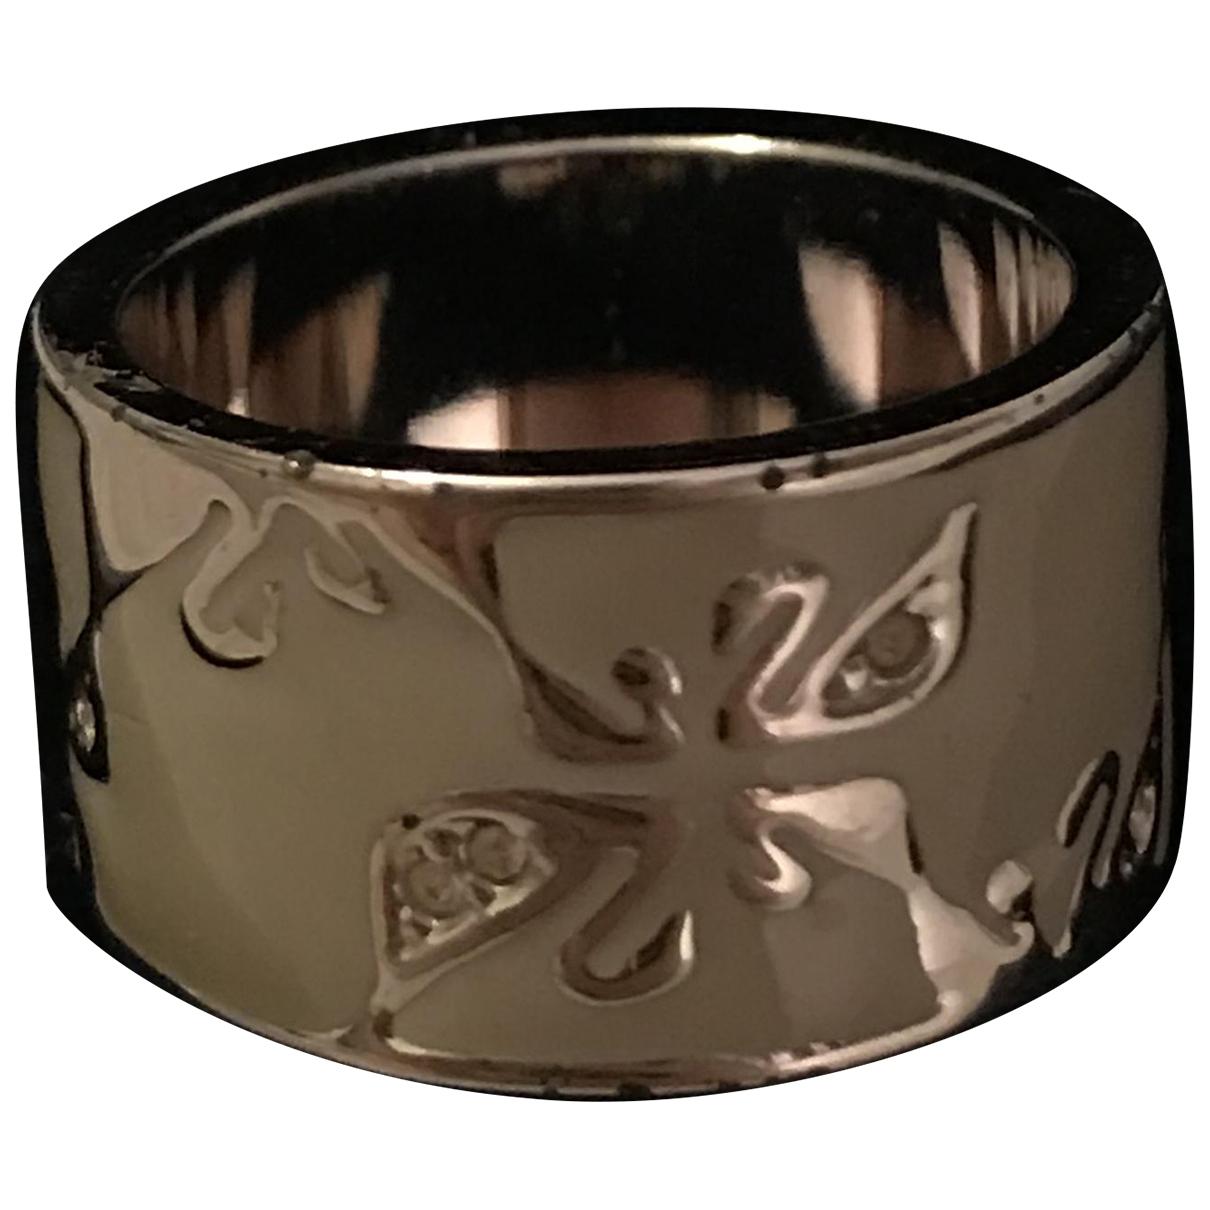 Swarovski \N Ring in  Ecru Silber